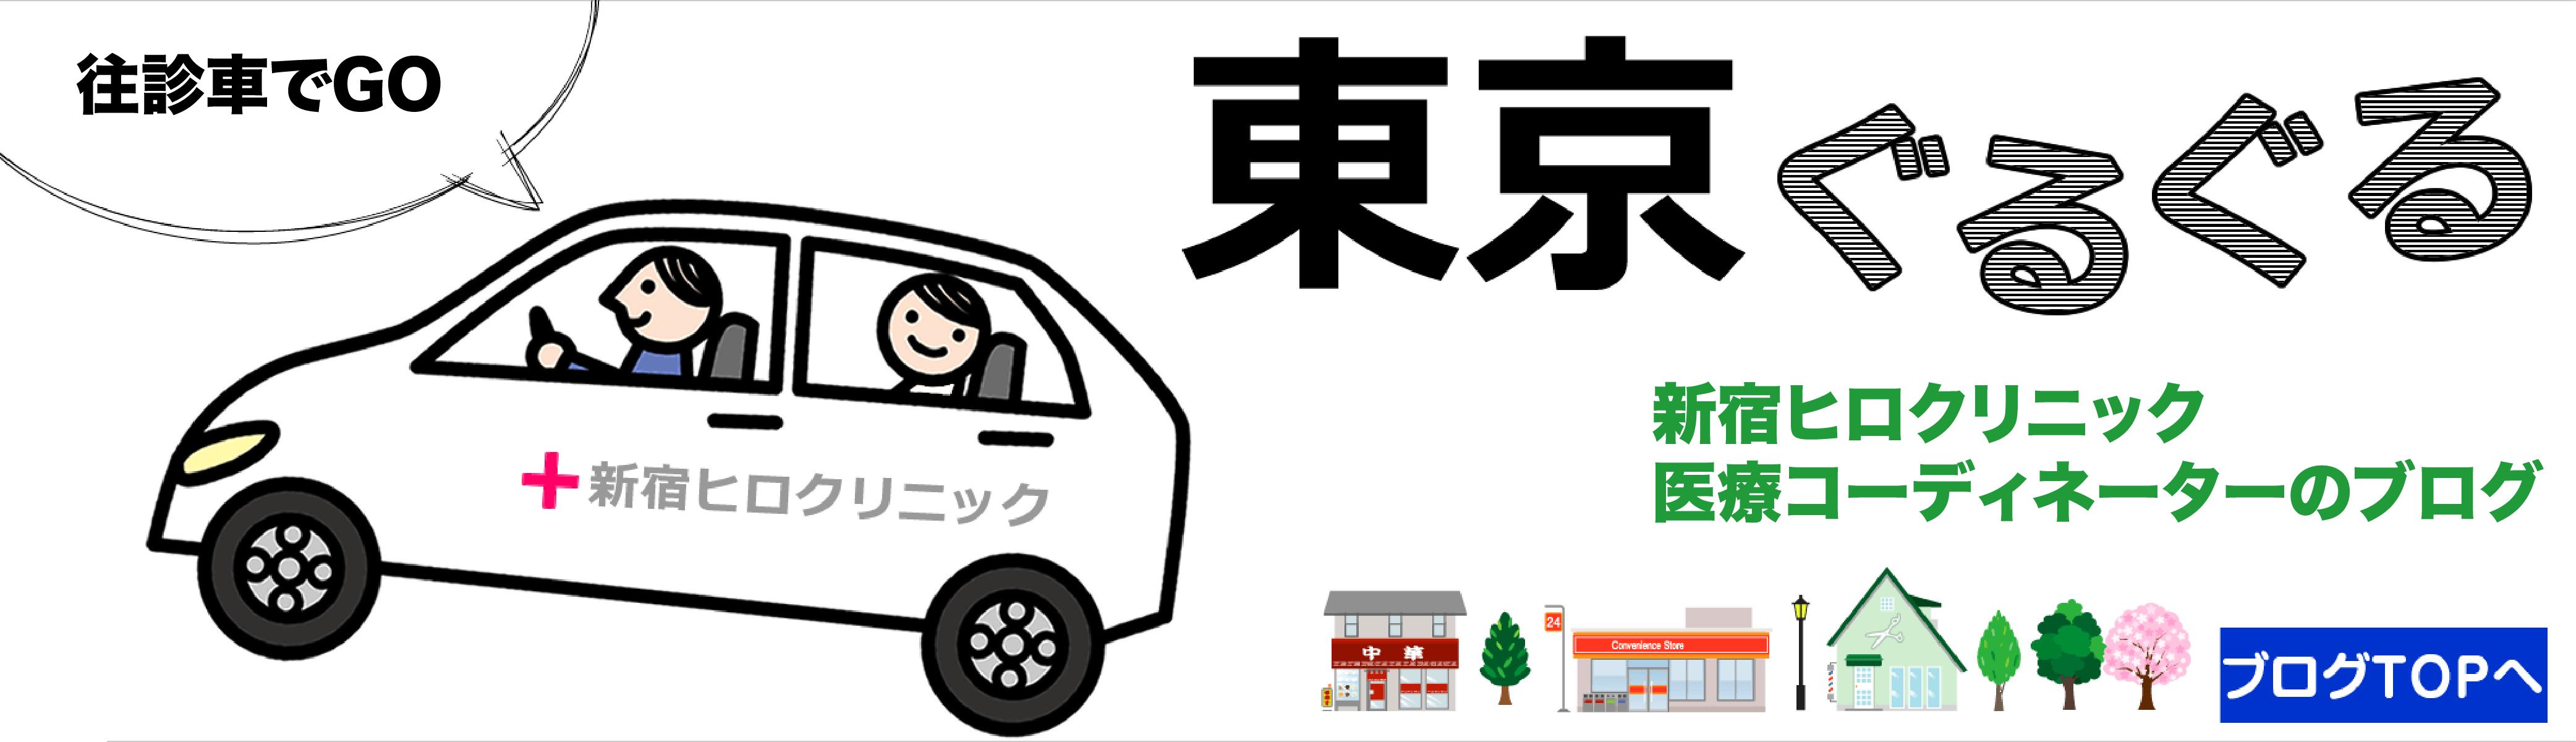 往診車は良く!~東京ぐるぐる~の画像